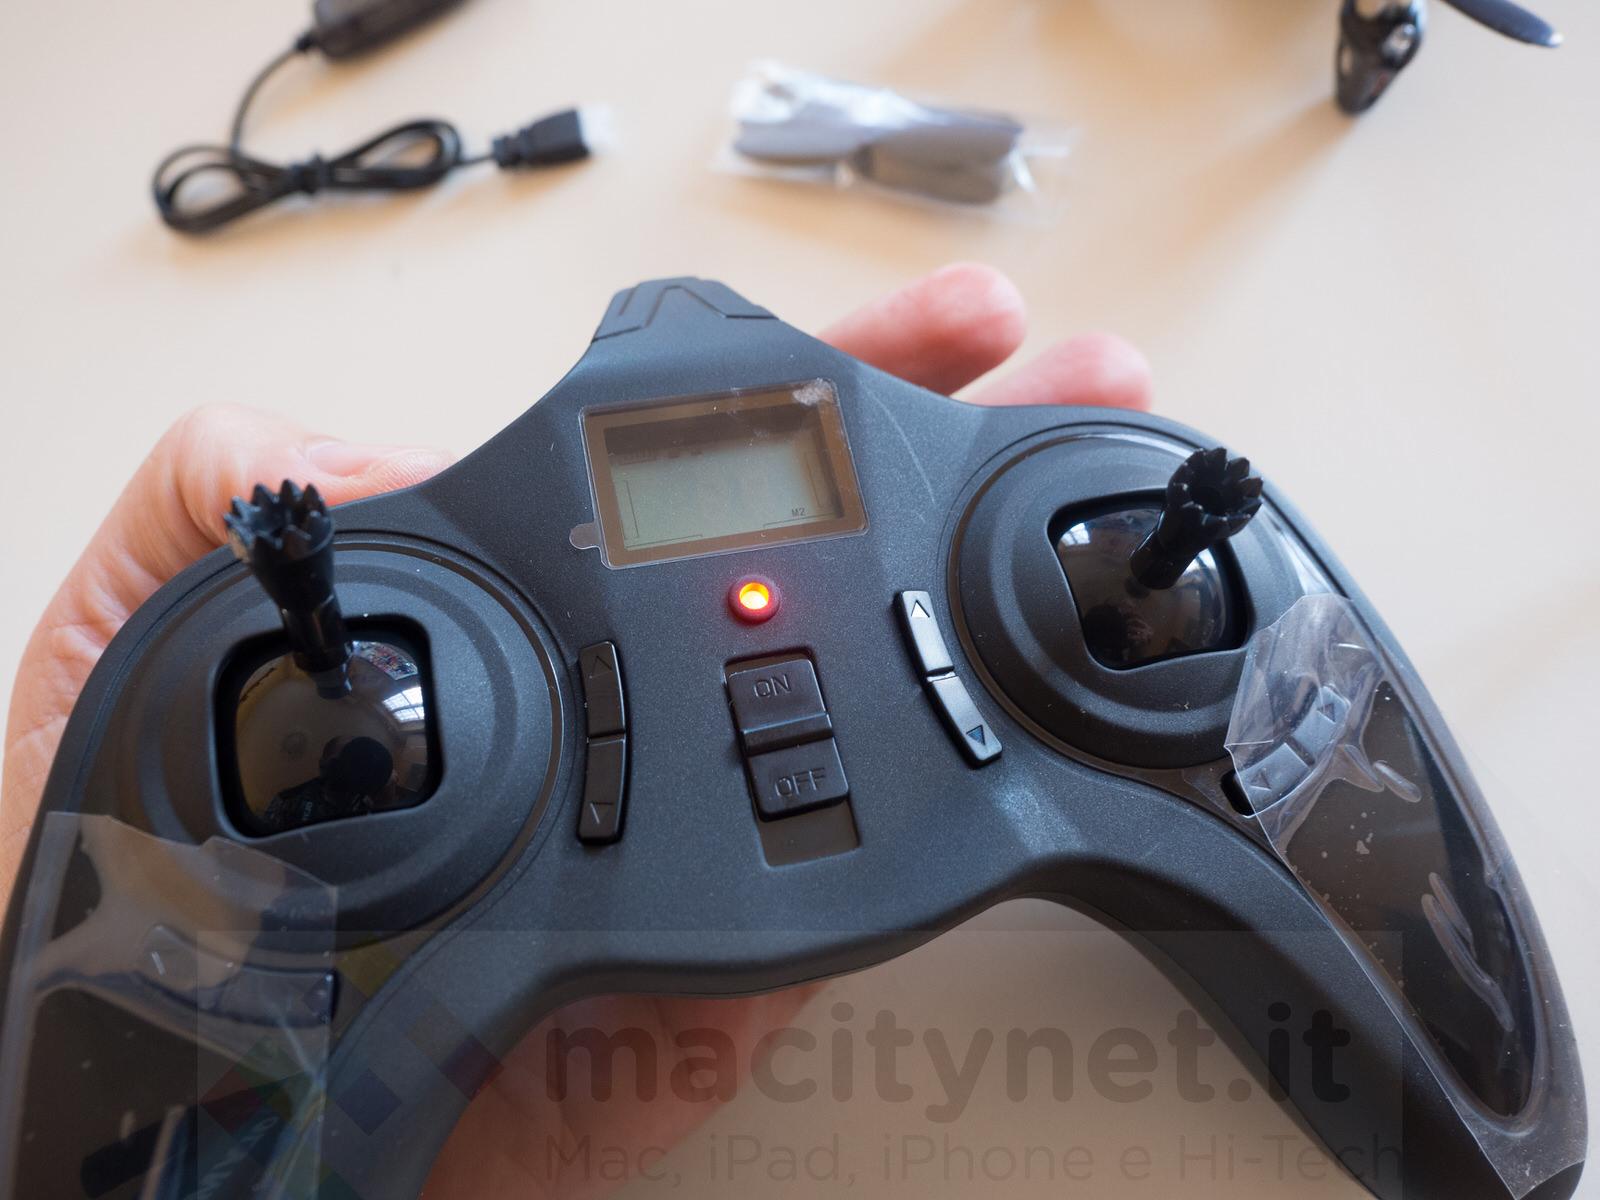 Recensione Code Black Drone, il drone per tutti, anche con camera HD